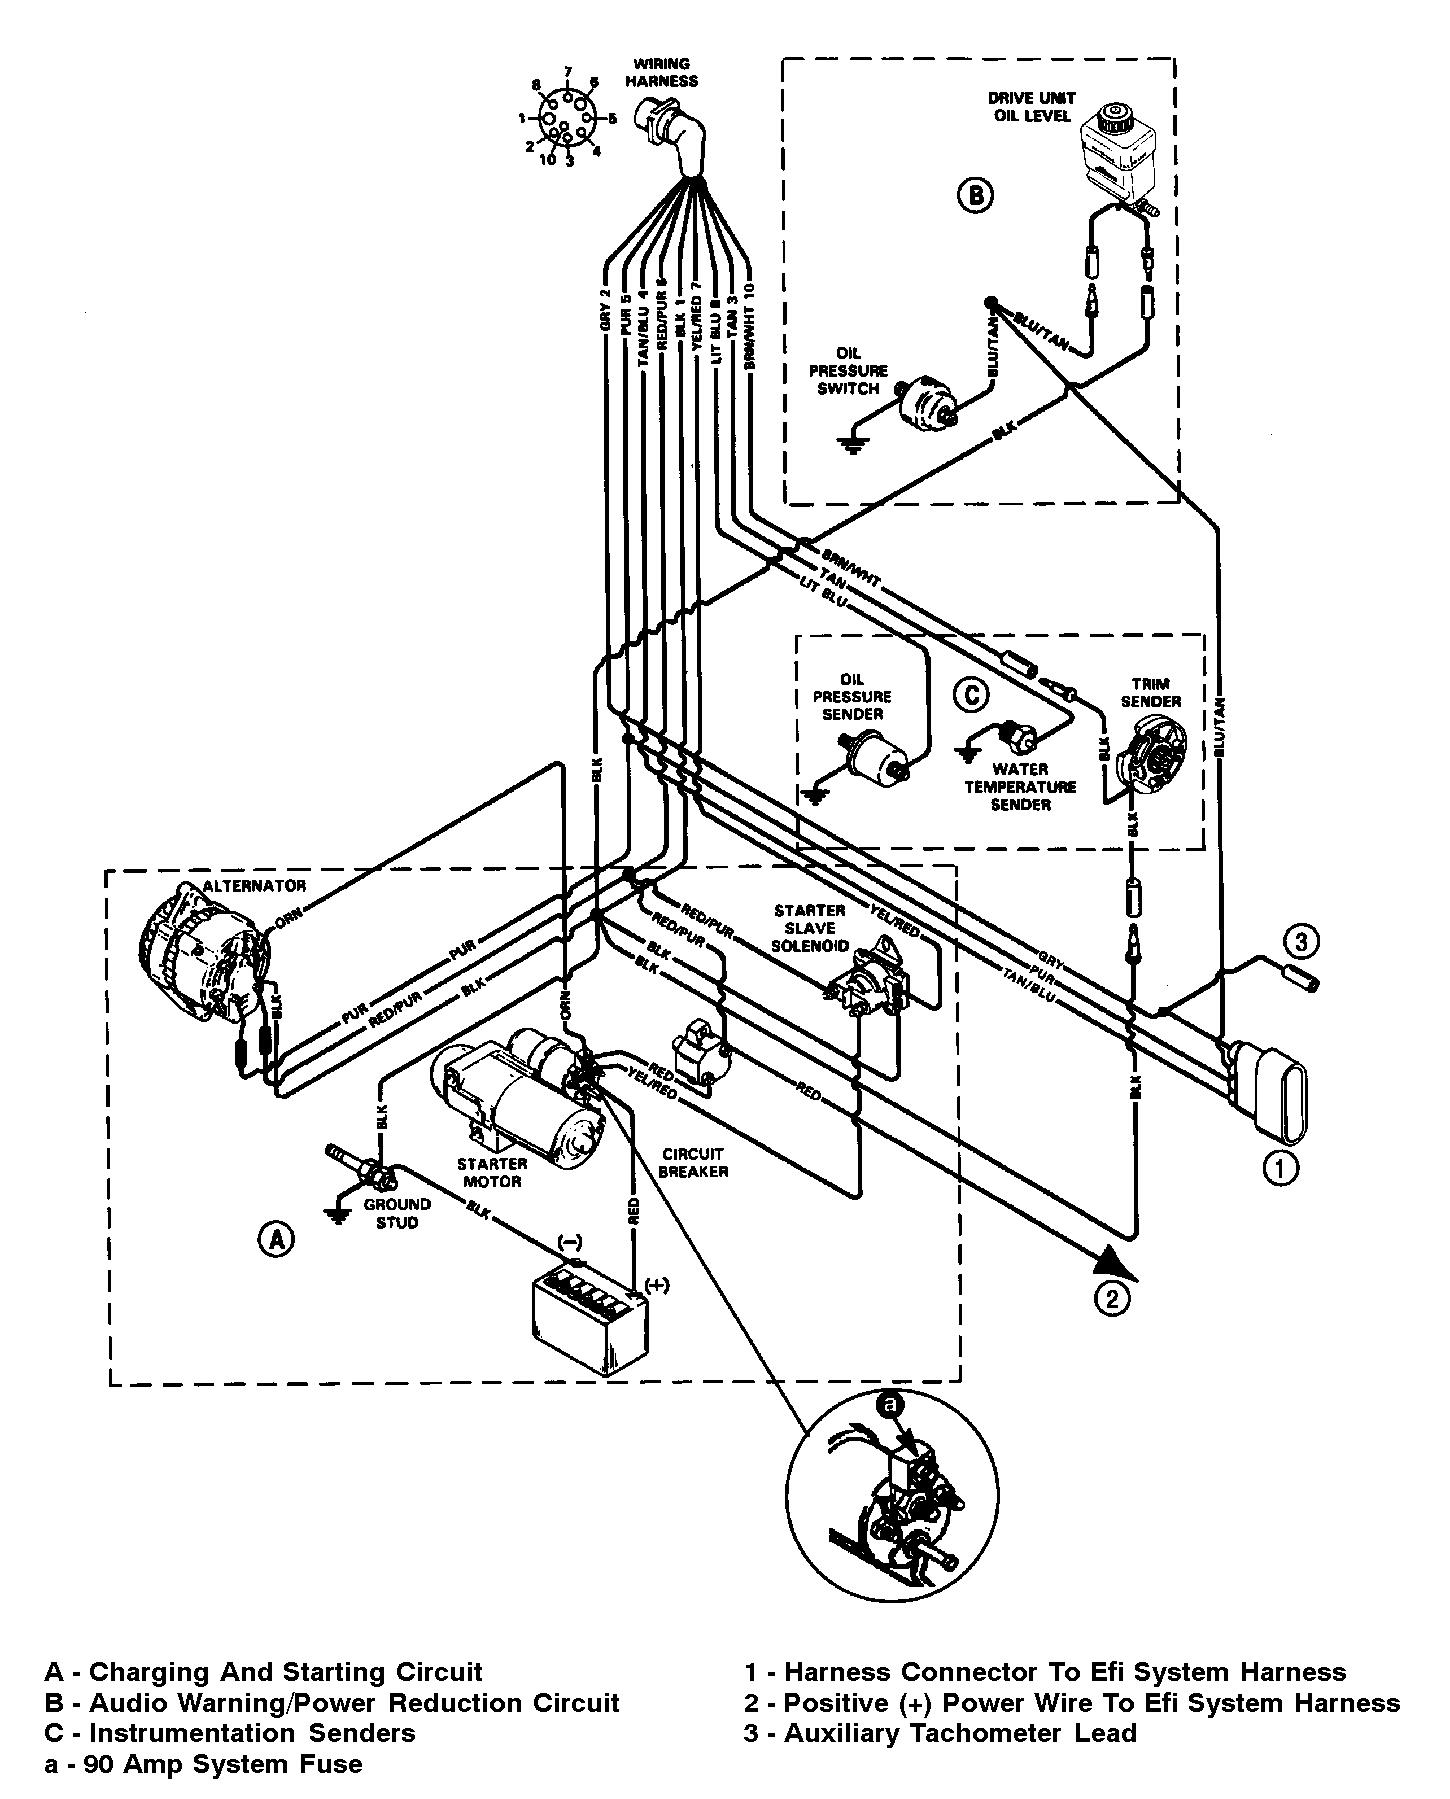 hight resolution of mercruiser 350 wiring diagram wiring diagram schematics rh 3 2 schlaglicht regional de mercruiser 350 mag mpi wiring diagram mercruiser 350 mag mpi wiring